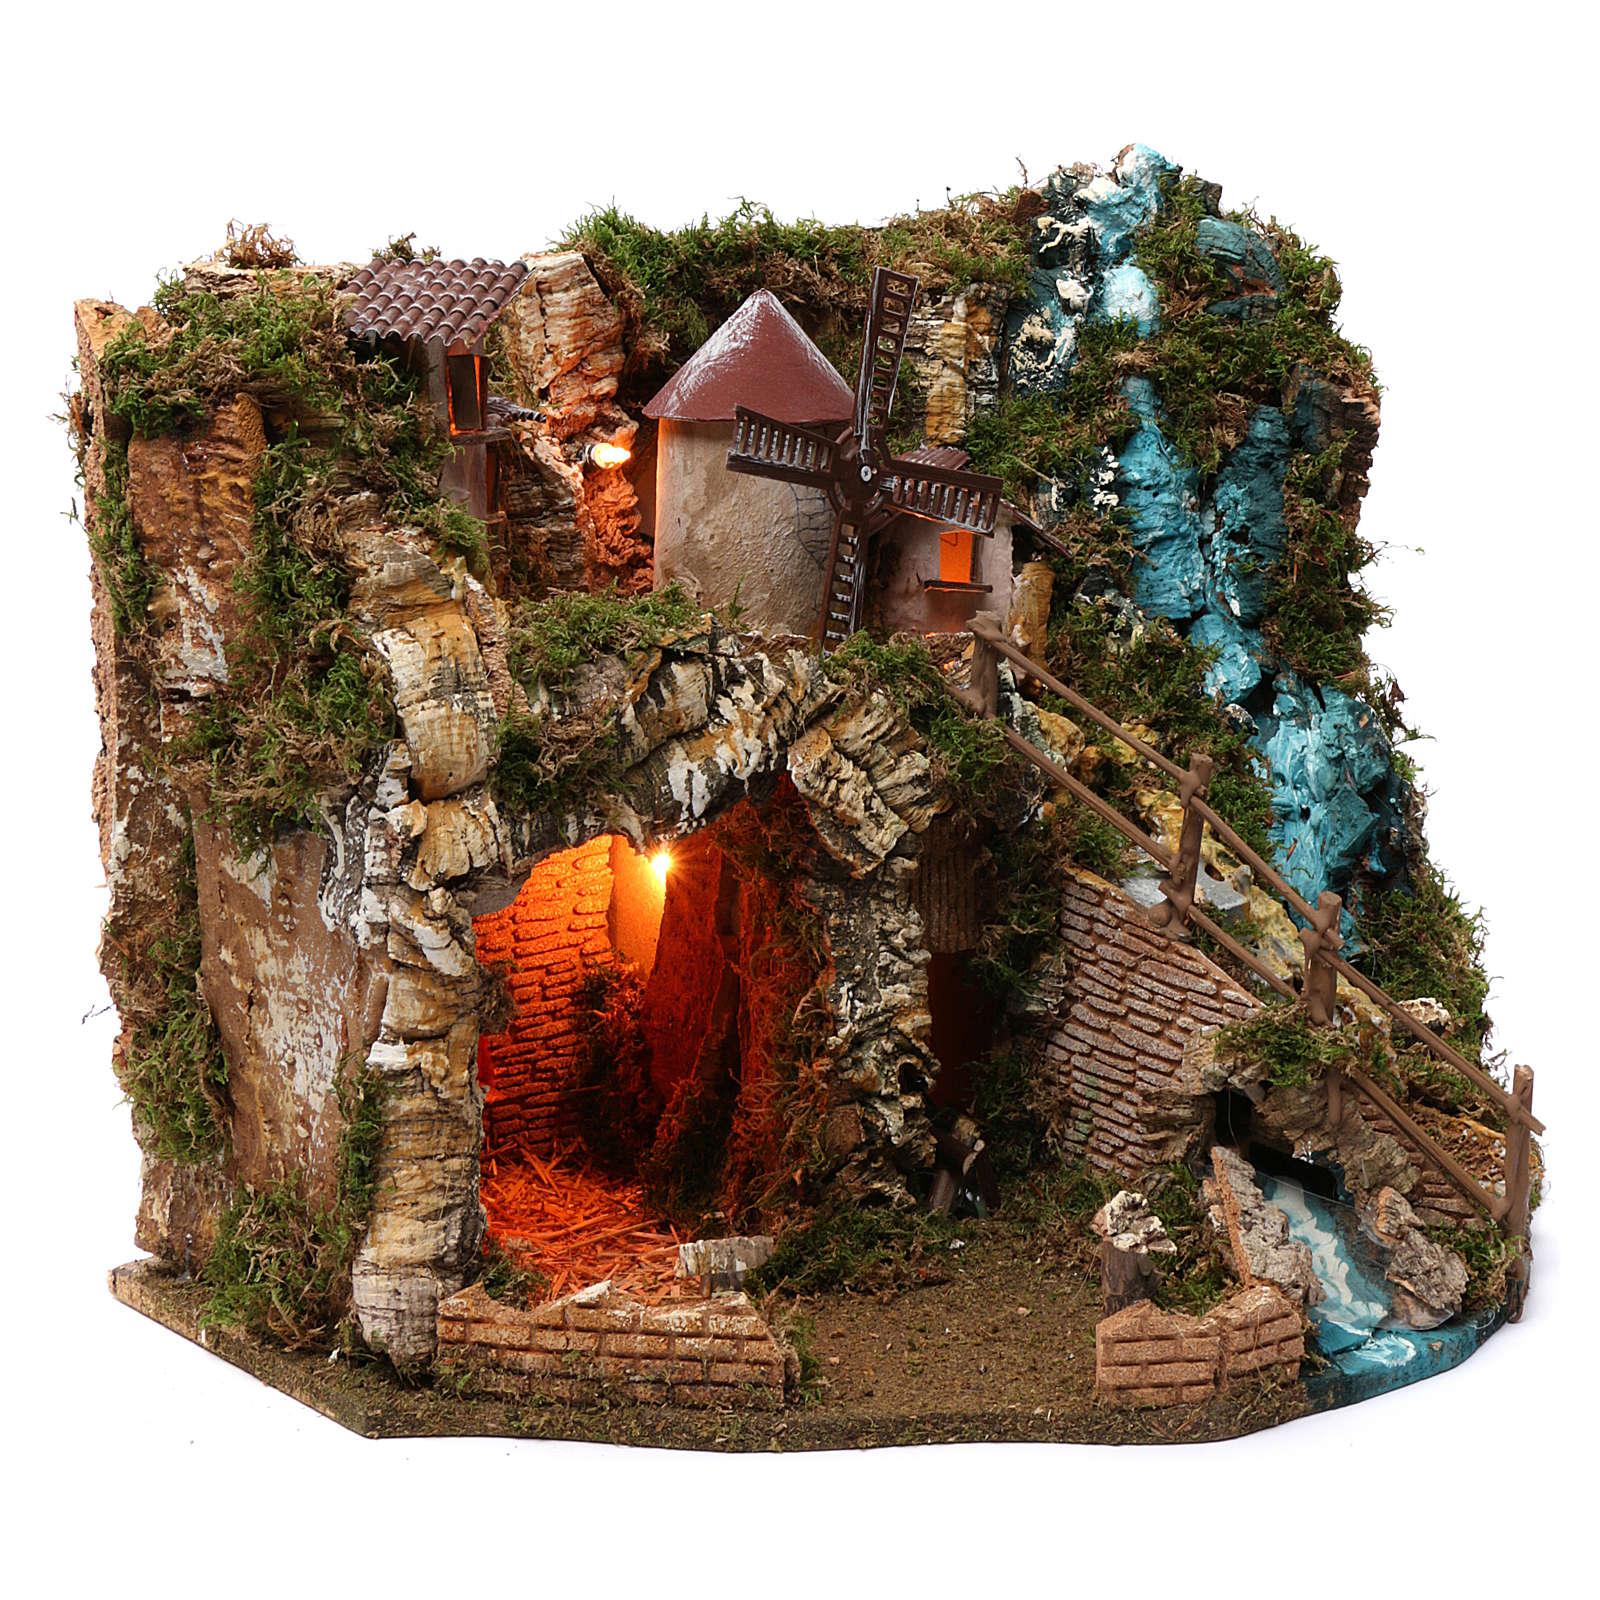 Villaggio cascata fuoco mulino luci 40X55X30 cm per presepi 9-10 cm 4